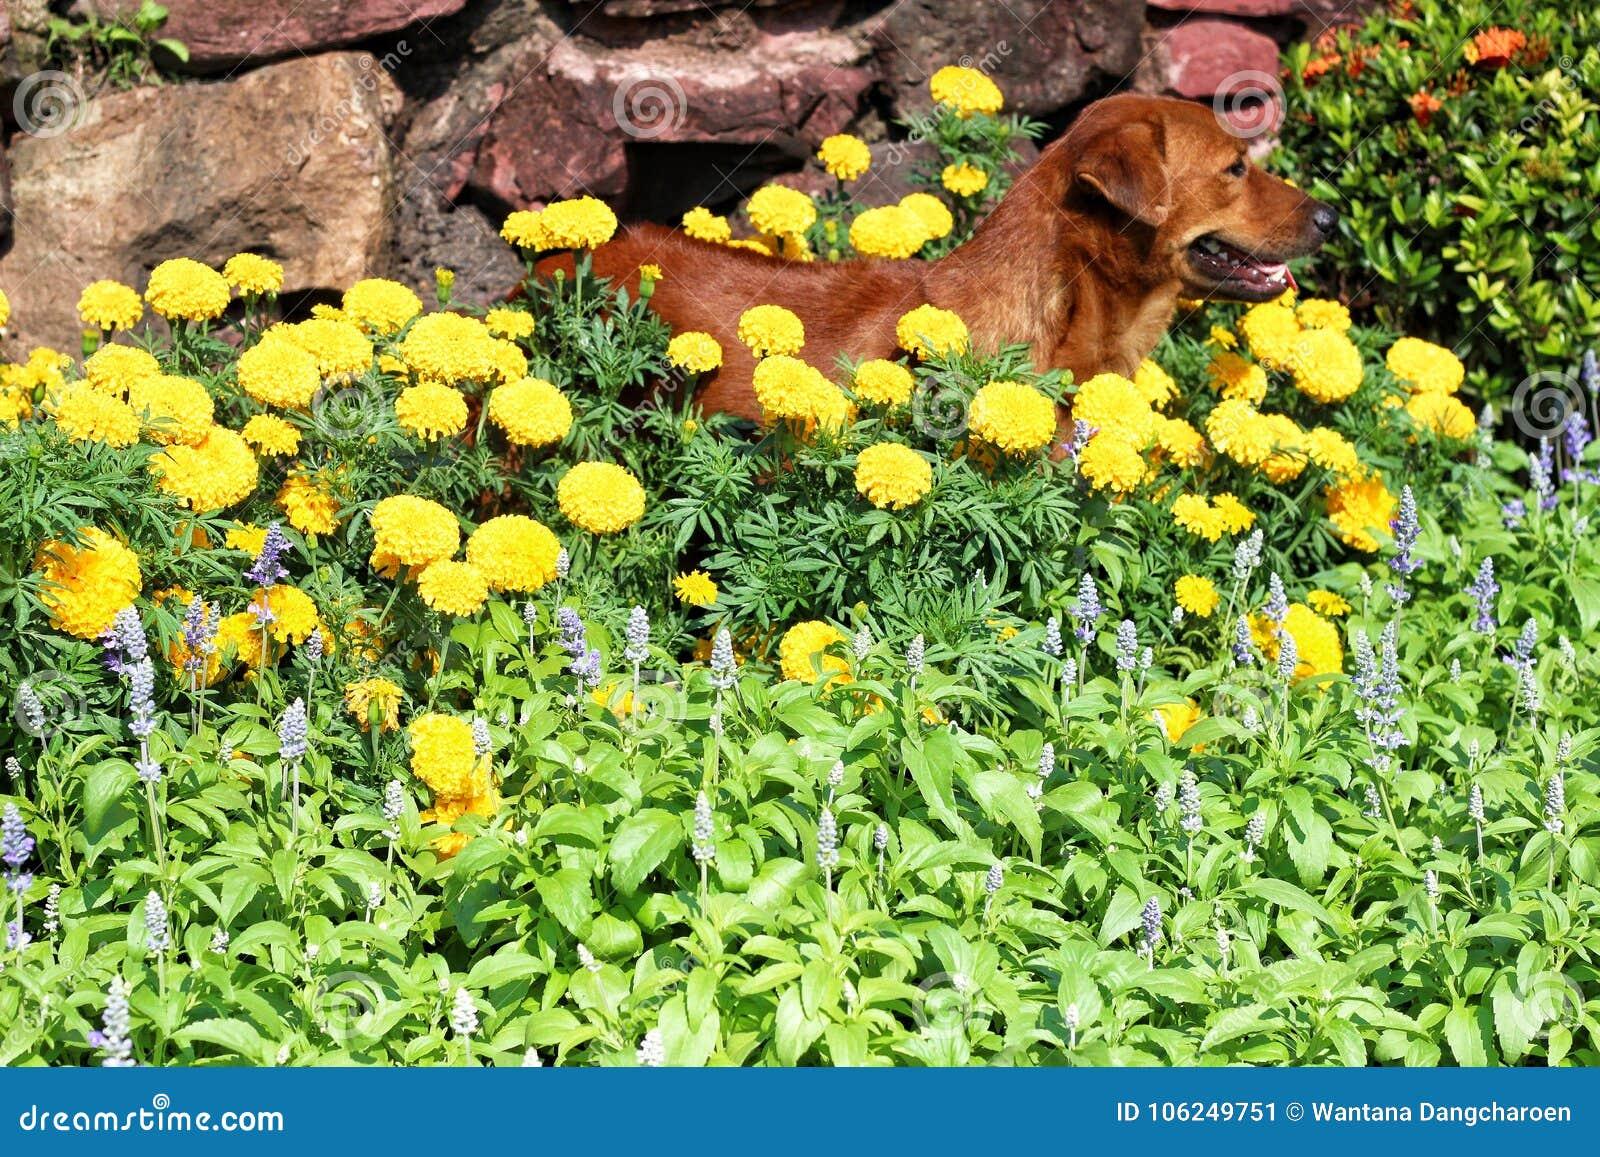 Pies w ogródzie